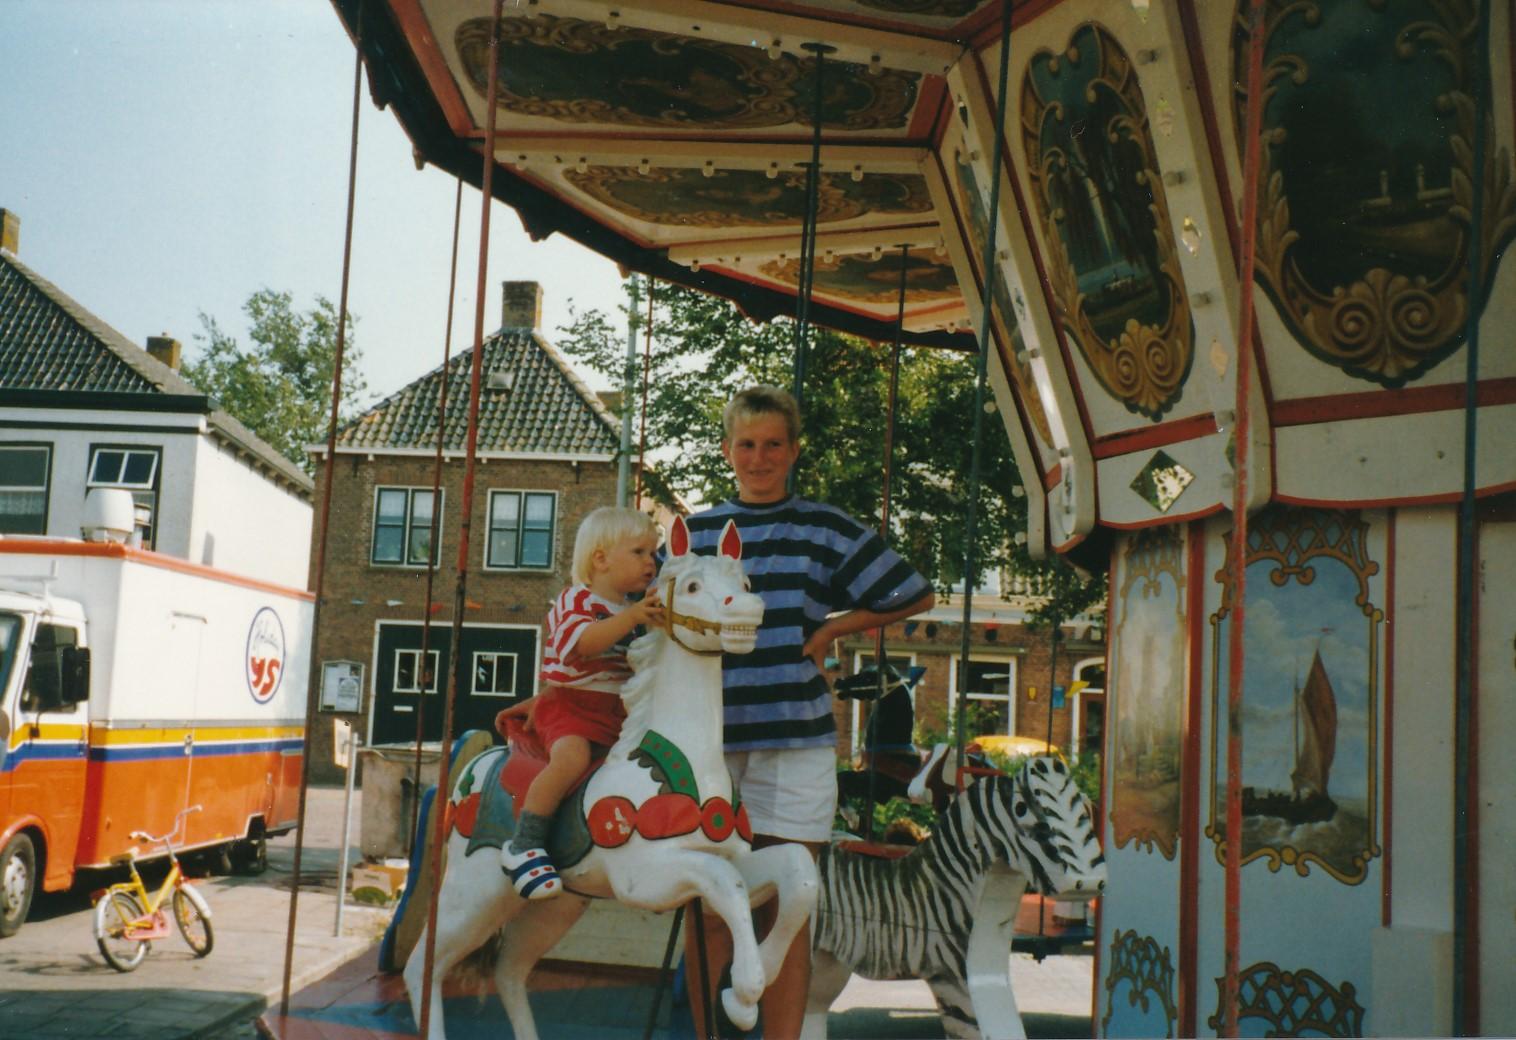 Fotoalbum Anneke Miedema, 021, Geeske en Jitske Miedema yn de draaimûle, Merke 1991